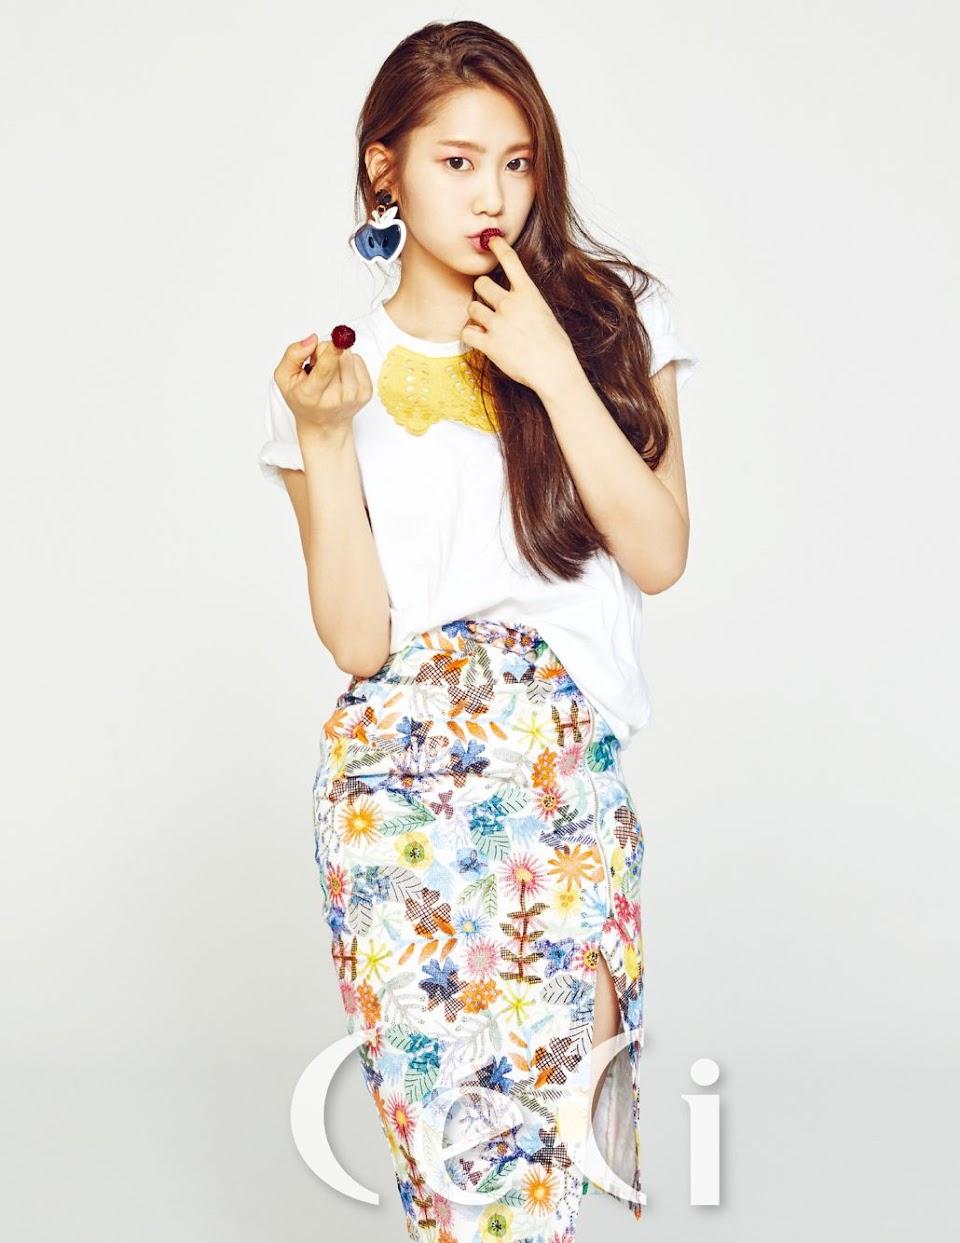 jiho photoshoot 16